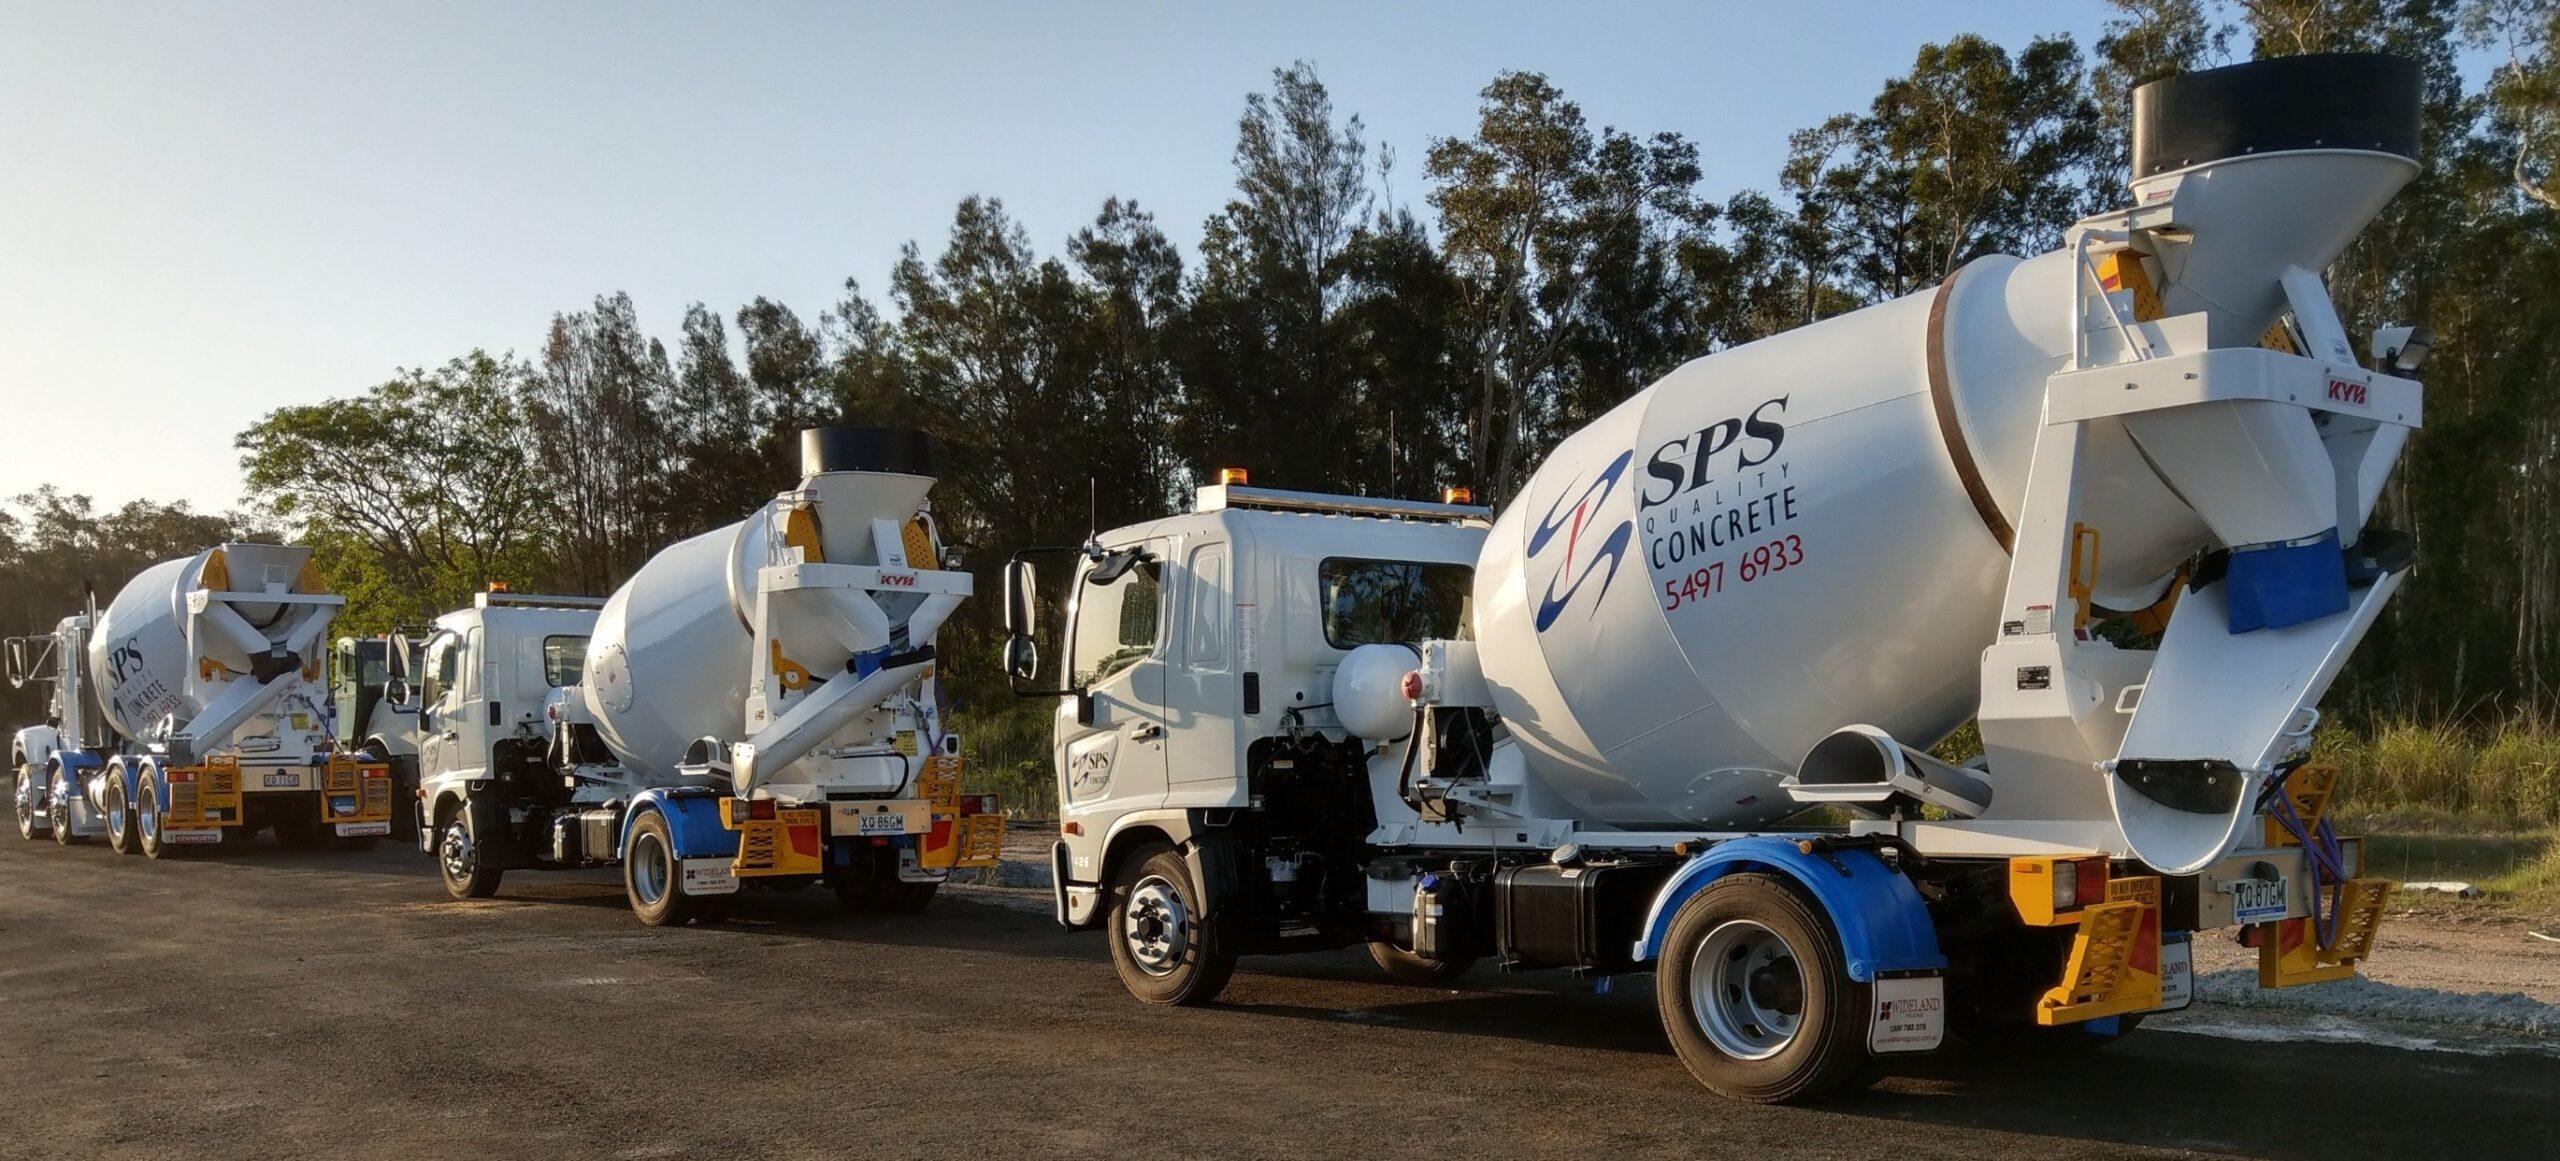 SP Sands Quality Concrete trucks